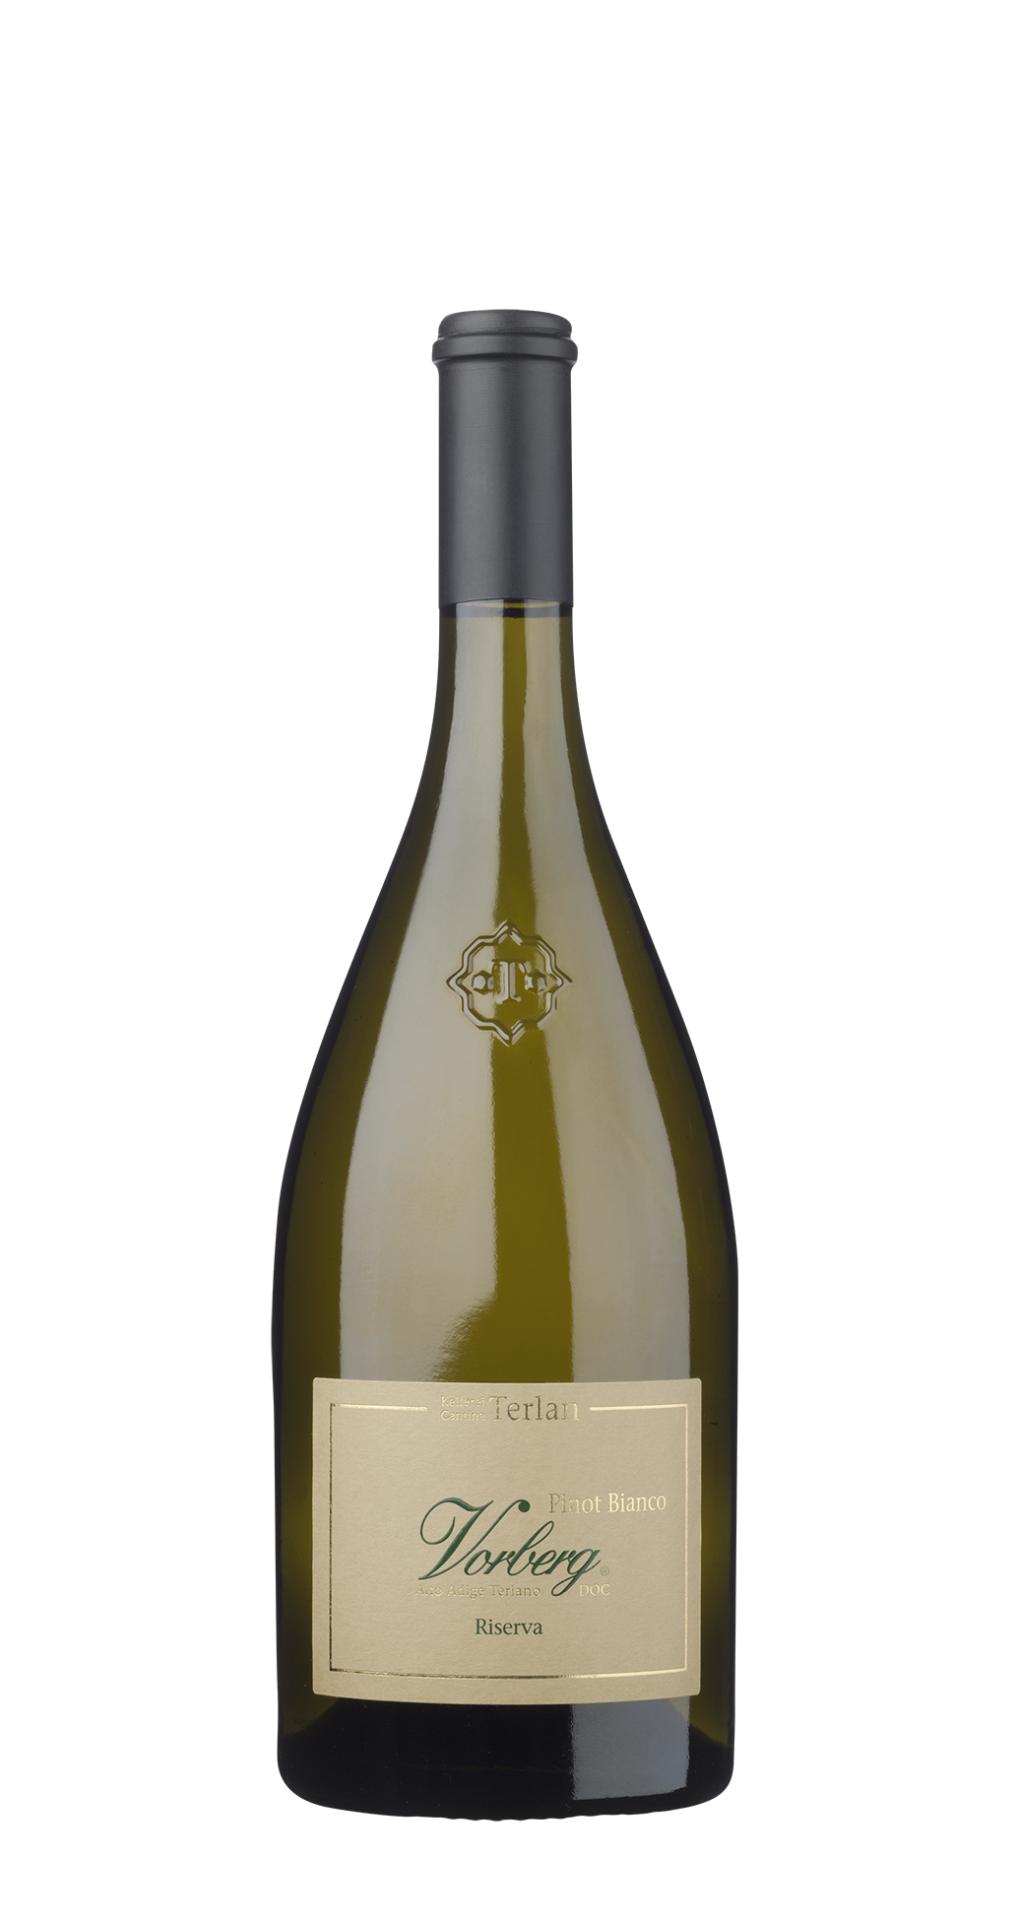 kgt-200495-bottiglie_vini_2020_-_img_senza_ombra_-_vorberg_riserva_klein